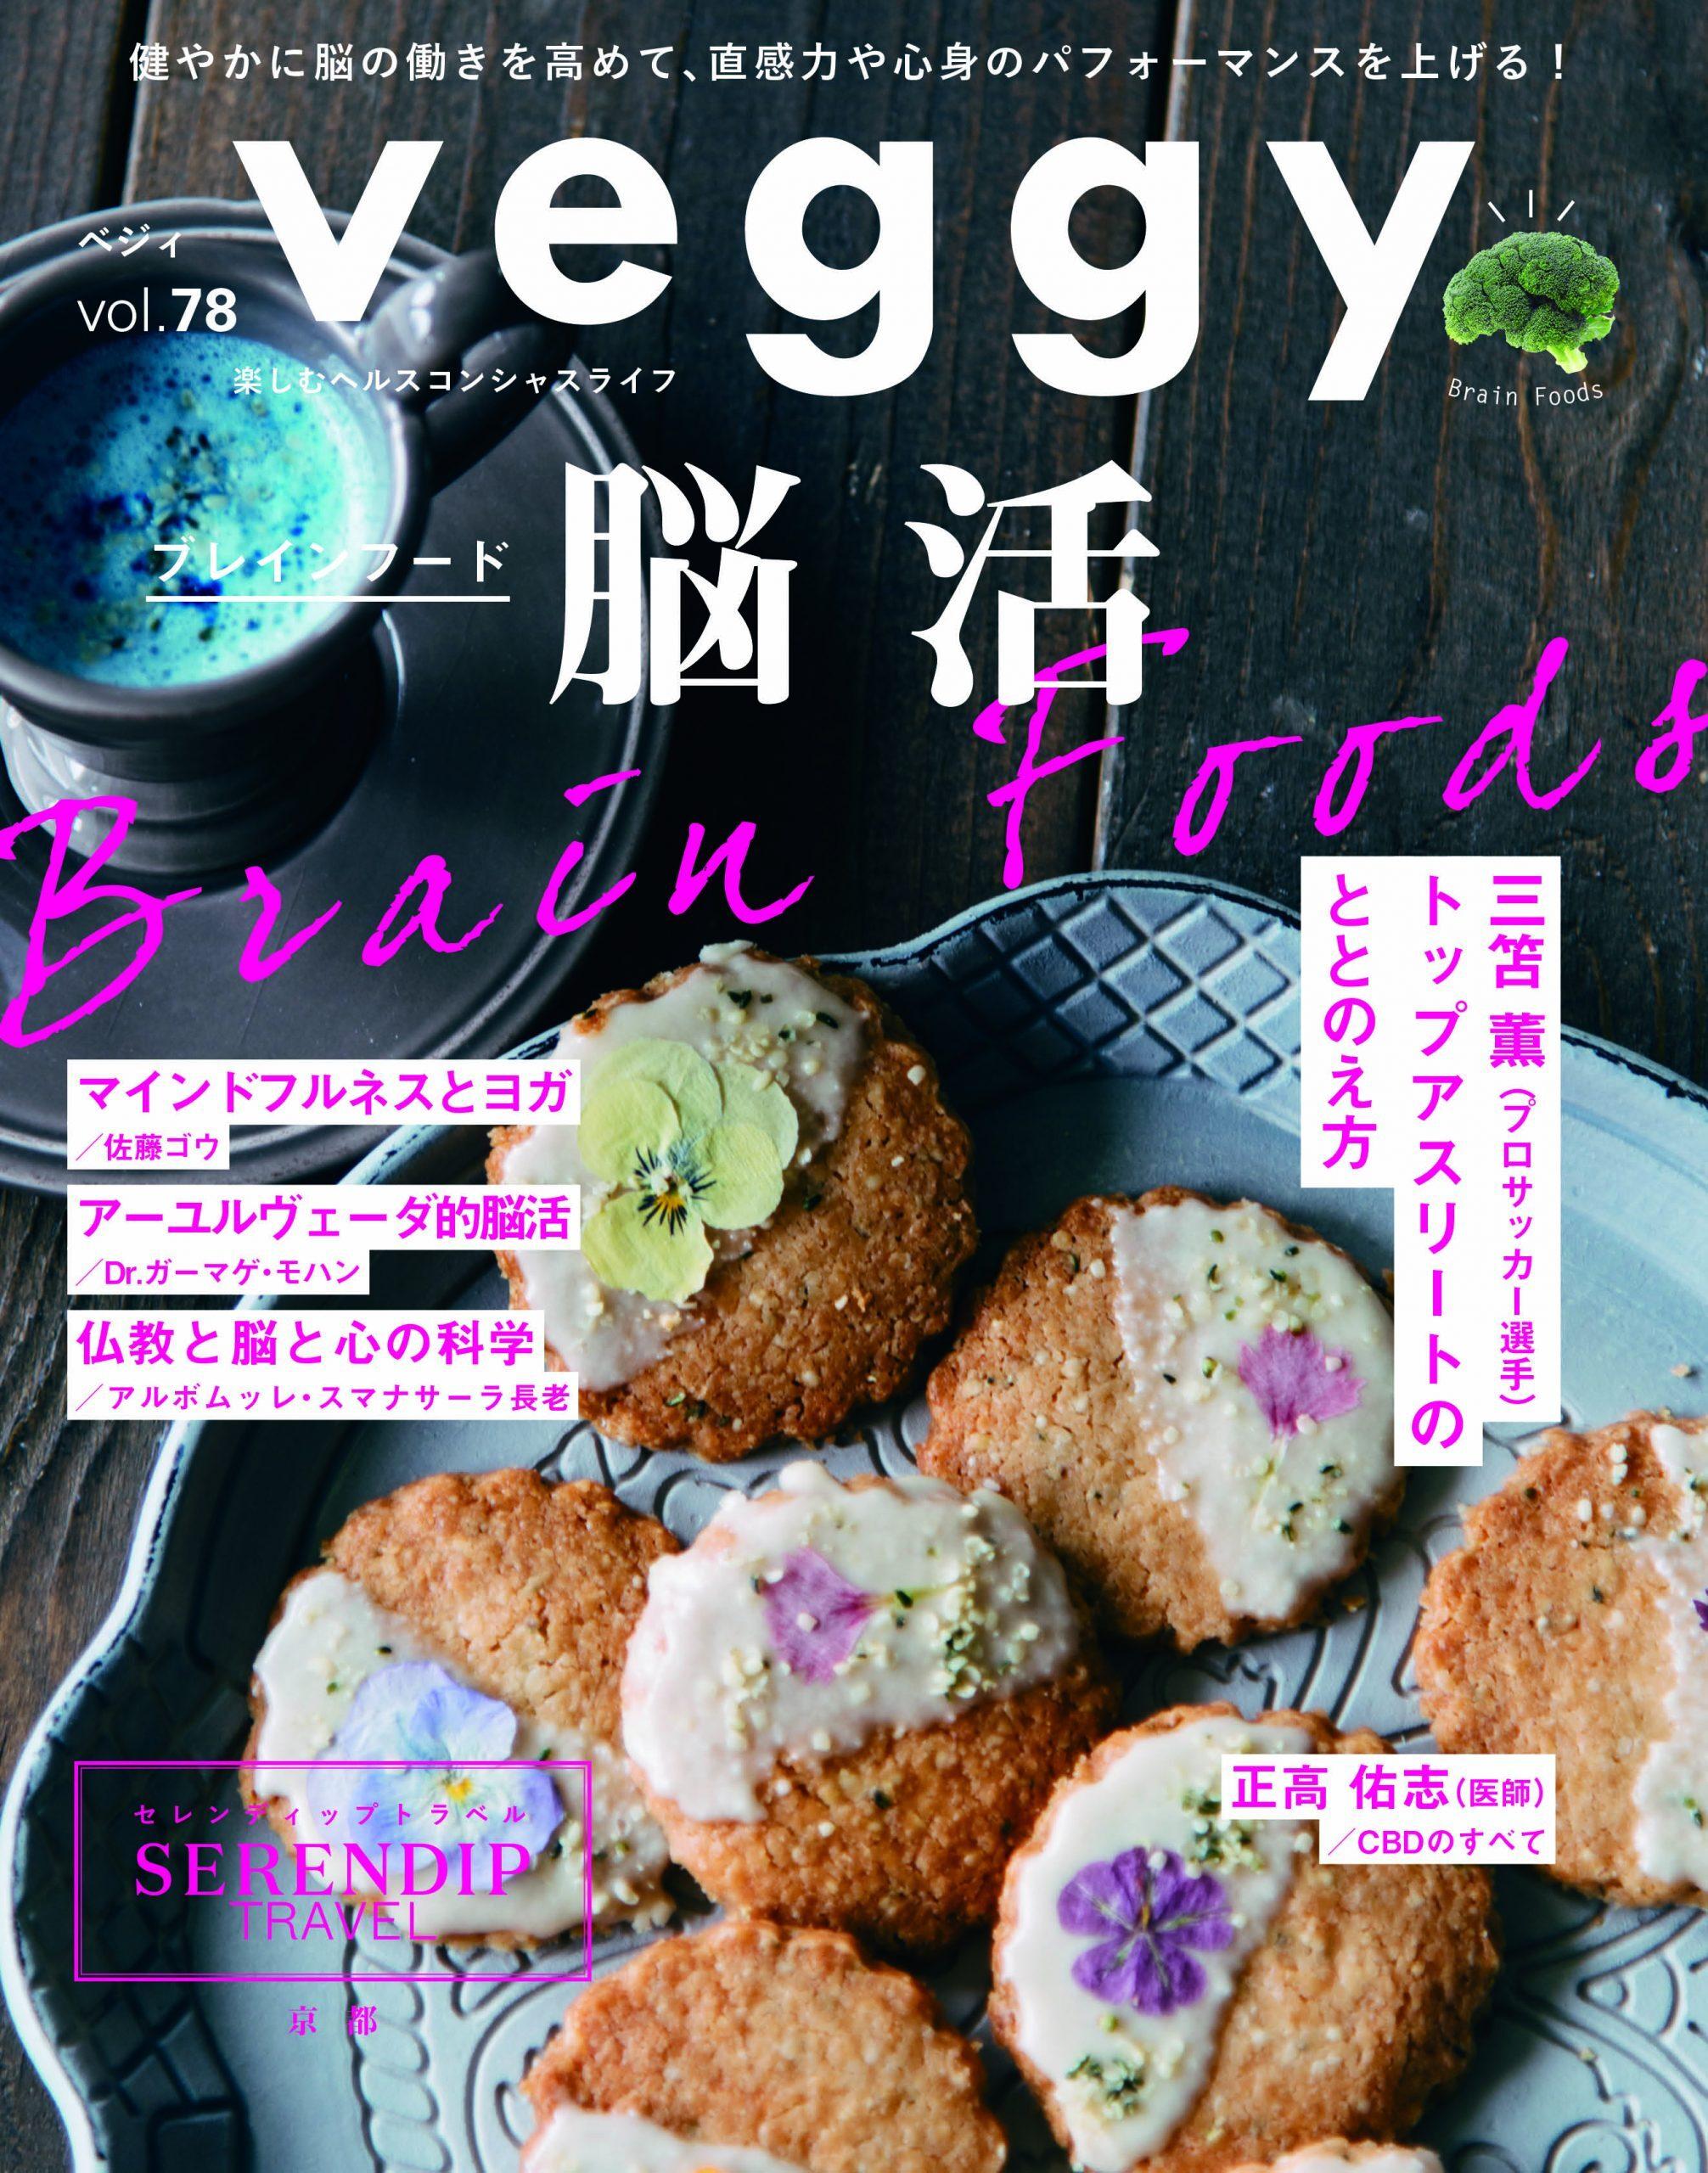 9月10日発売「veggy(ベジィ)」 vol.78 10月号